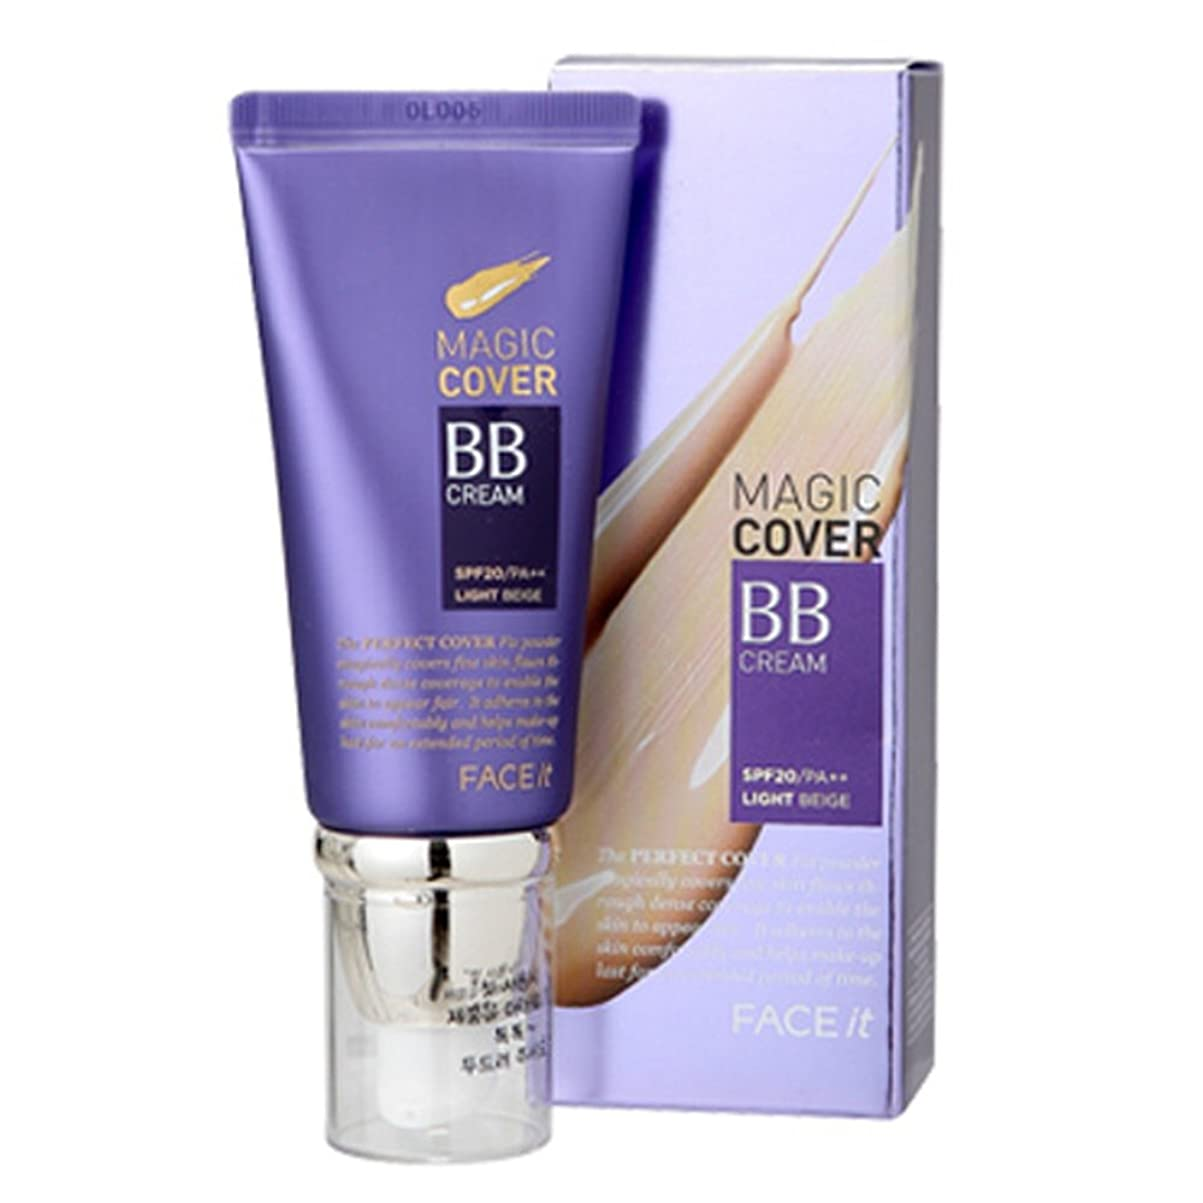 悔い改めるゴム複雑なザフェイスショップ The Face Shop Face It Magic Cover BB Cream 45ml (02 Natural Beige)